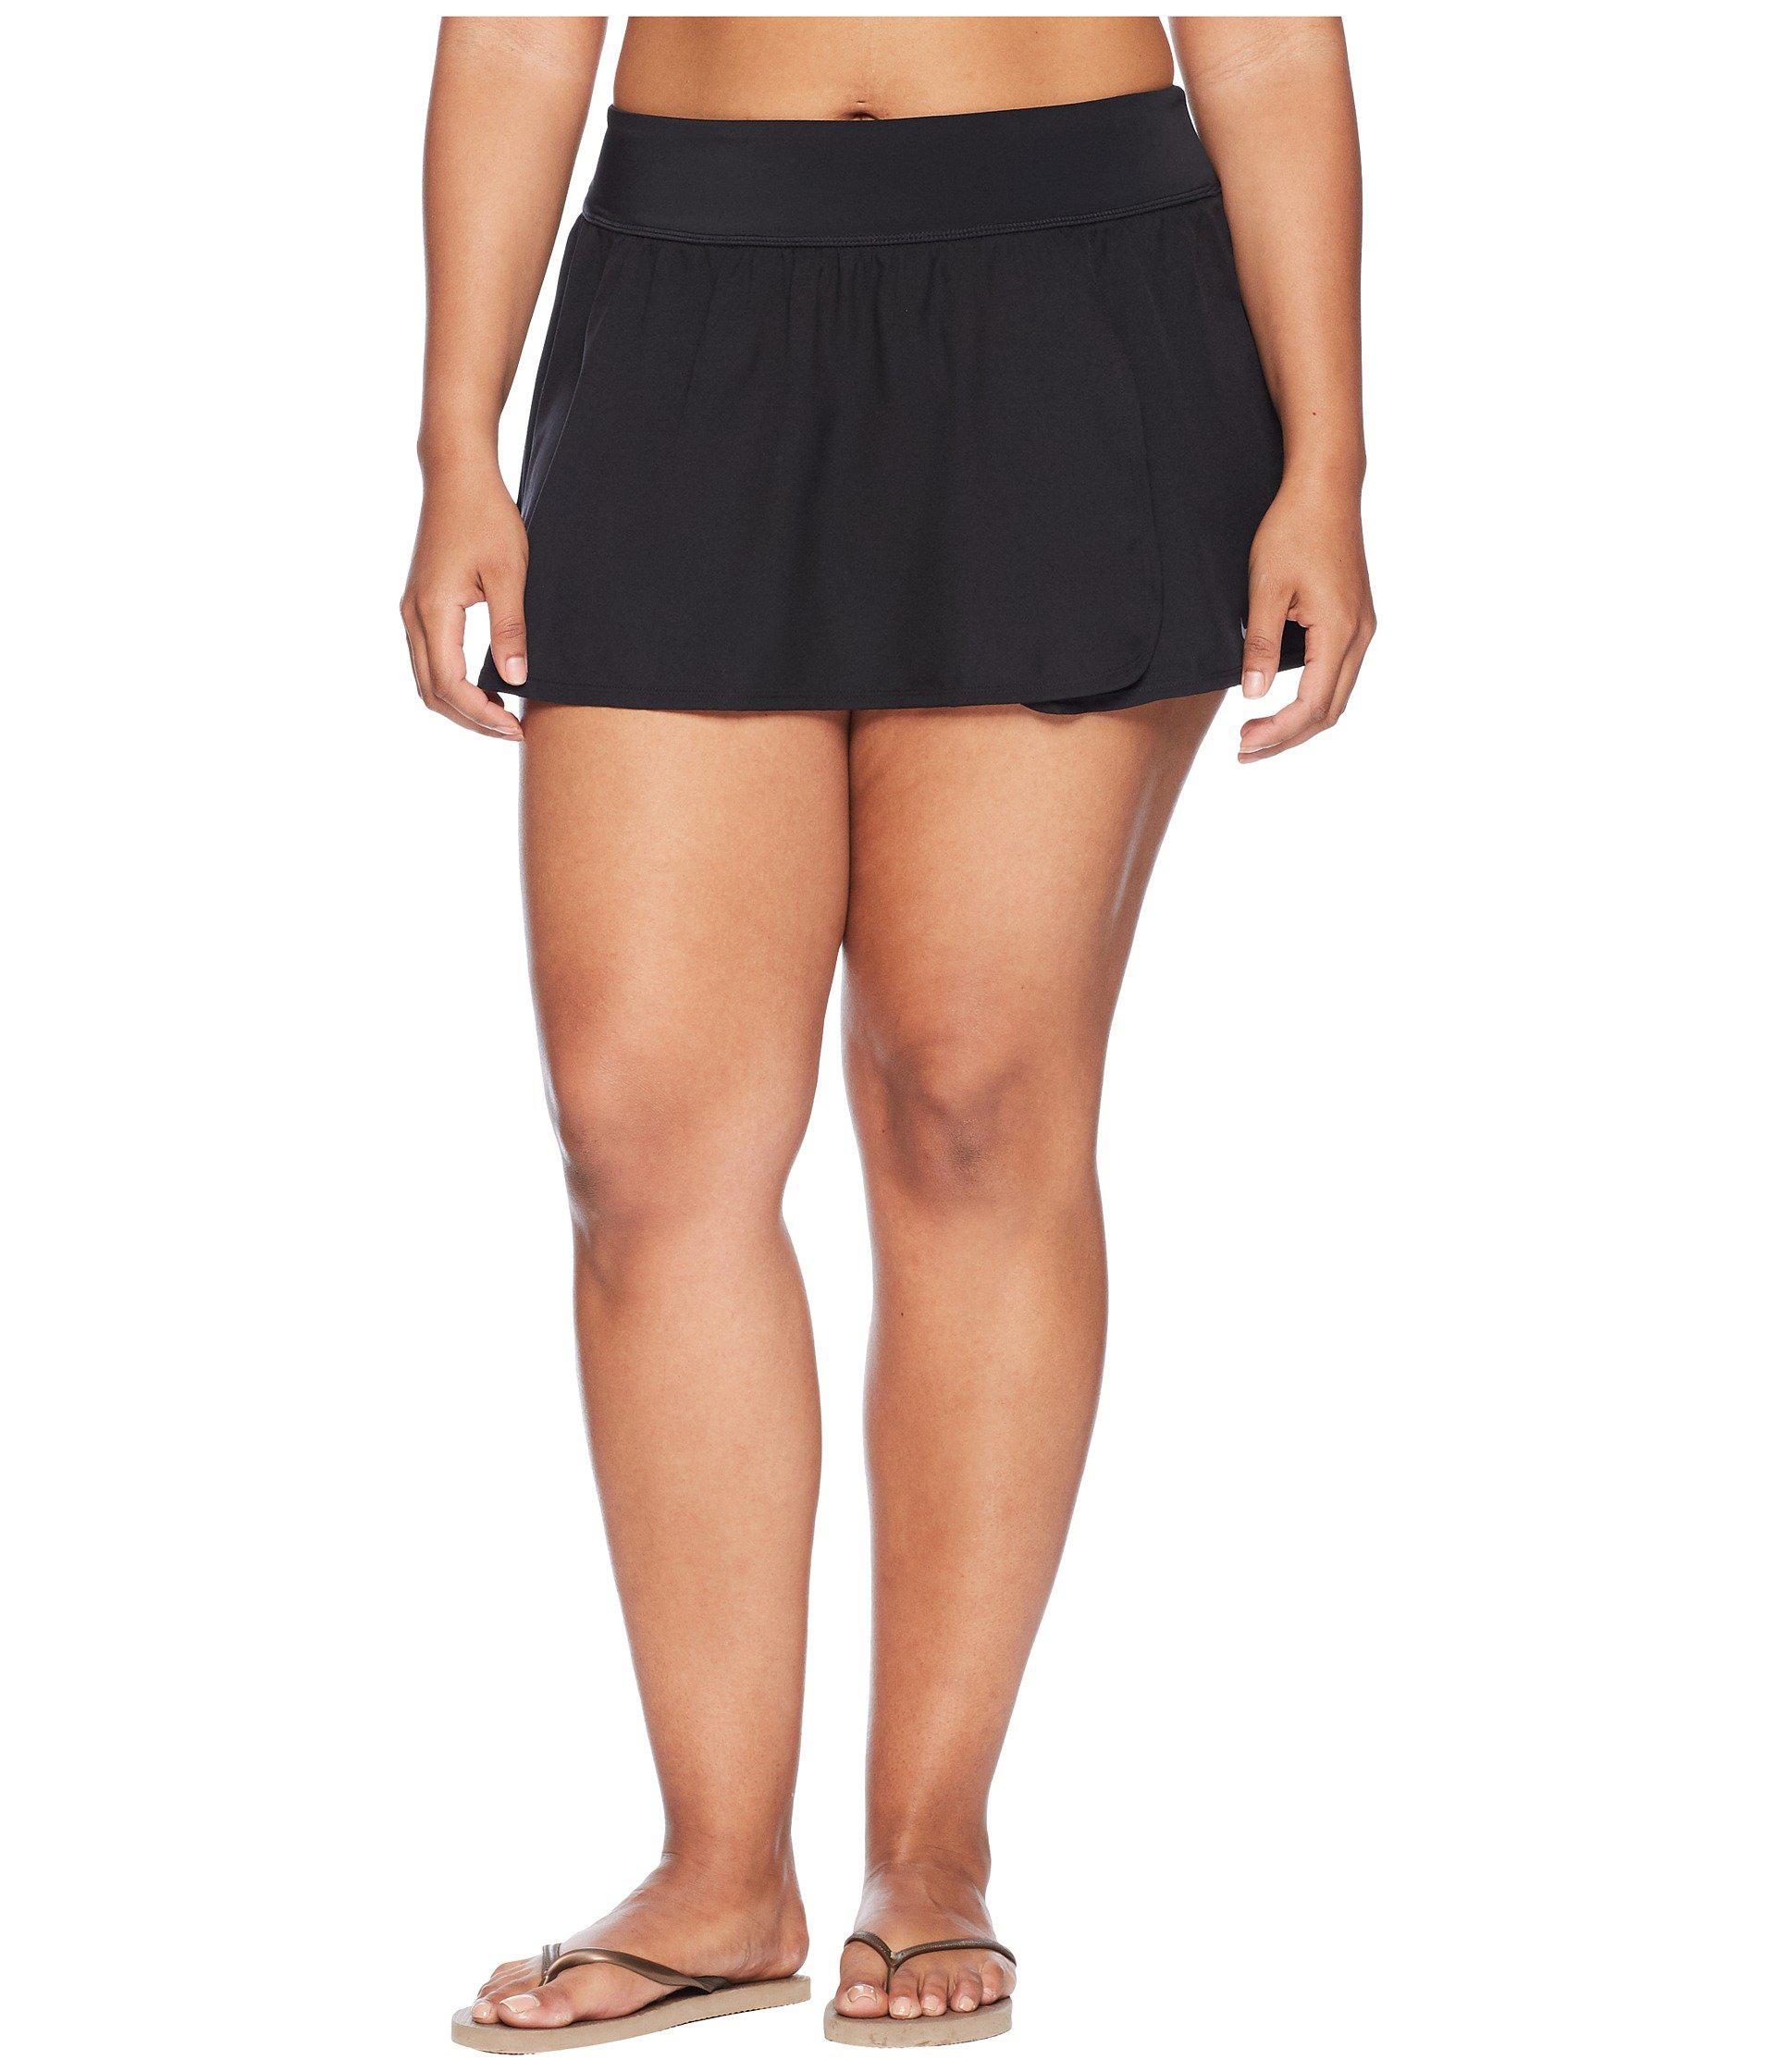 acefb6529cf Lyst - Nike Plus Size Element Boardskirt (black) Women s Swimwear in ...